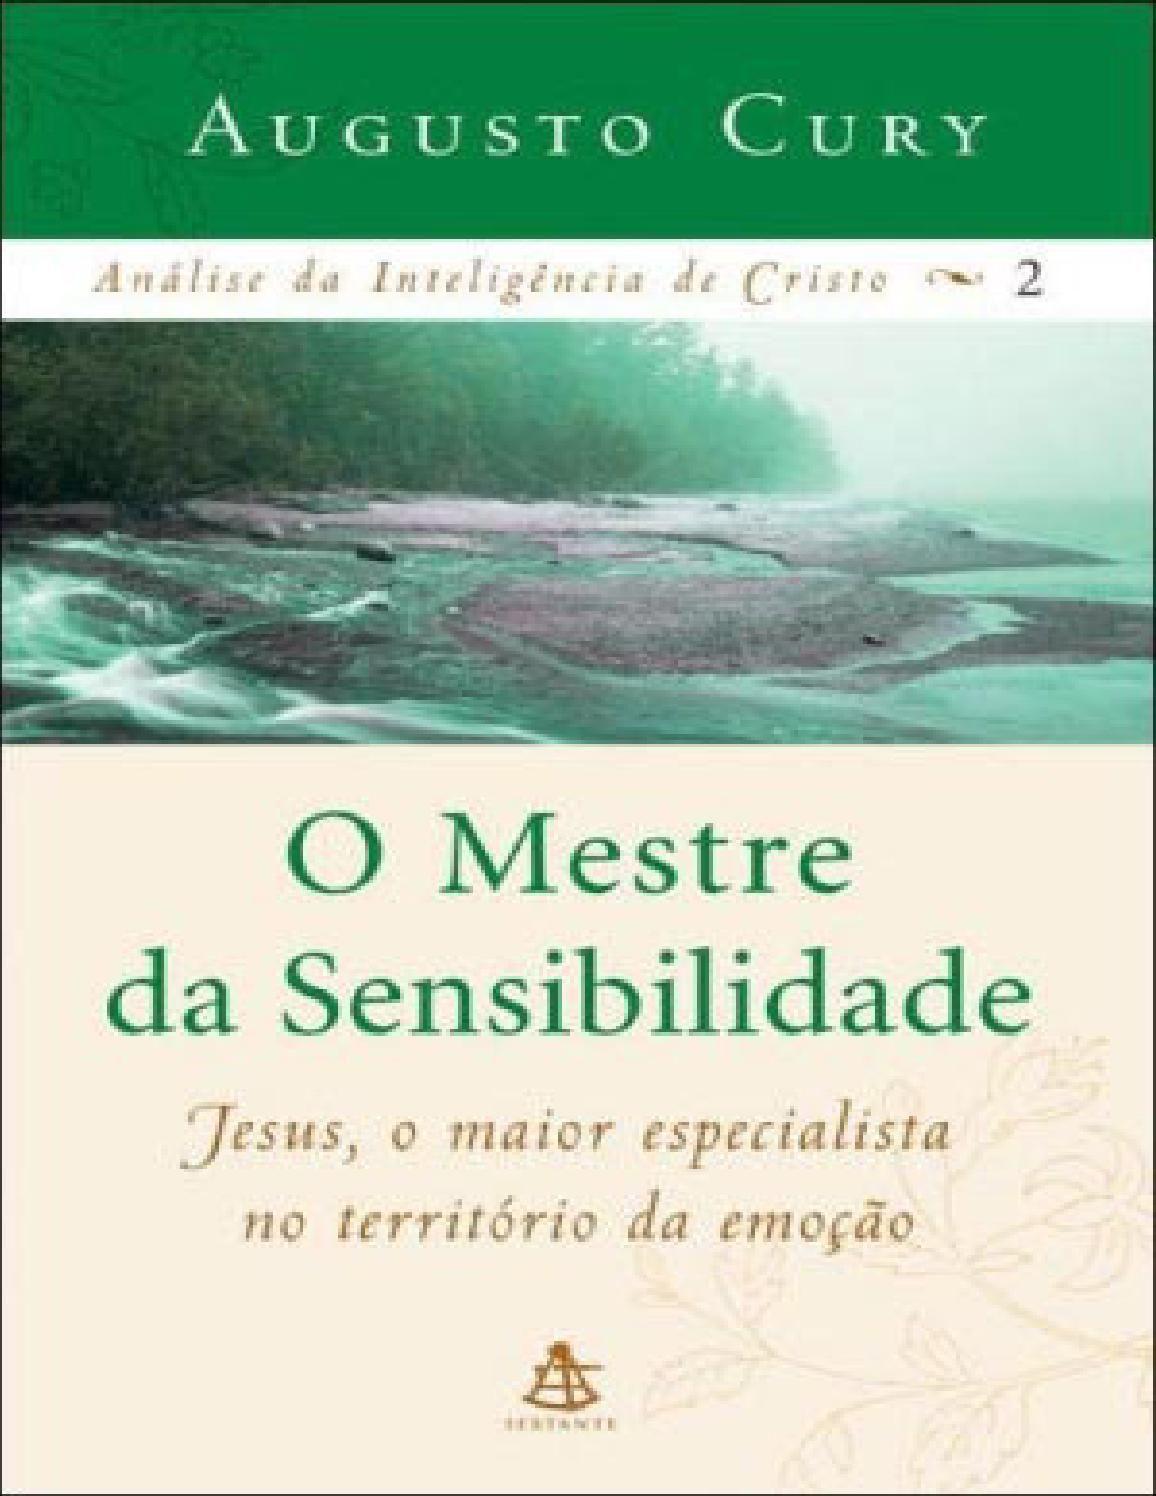 Analise Da Inteligencia De Cristo Vol 2 O Mestre Da Sensibilidade